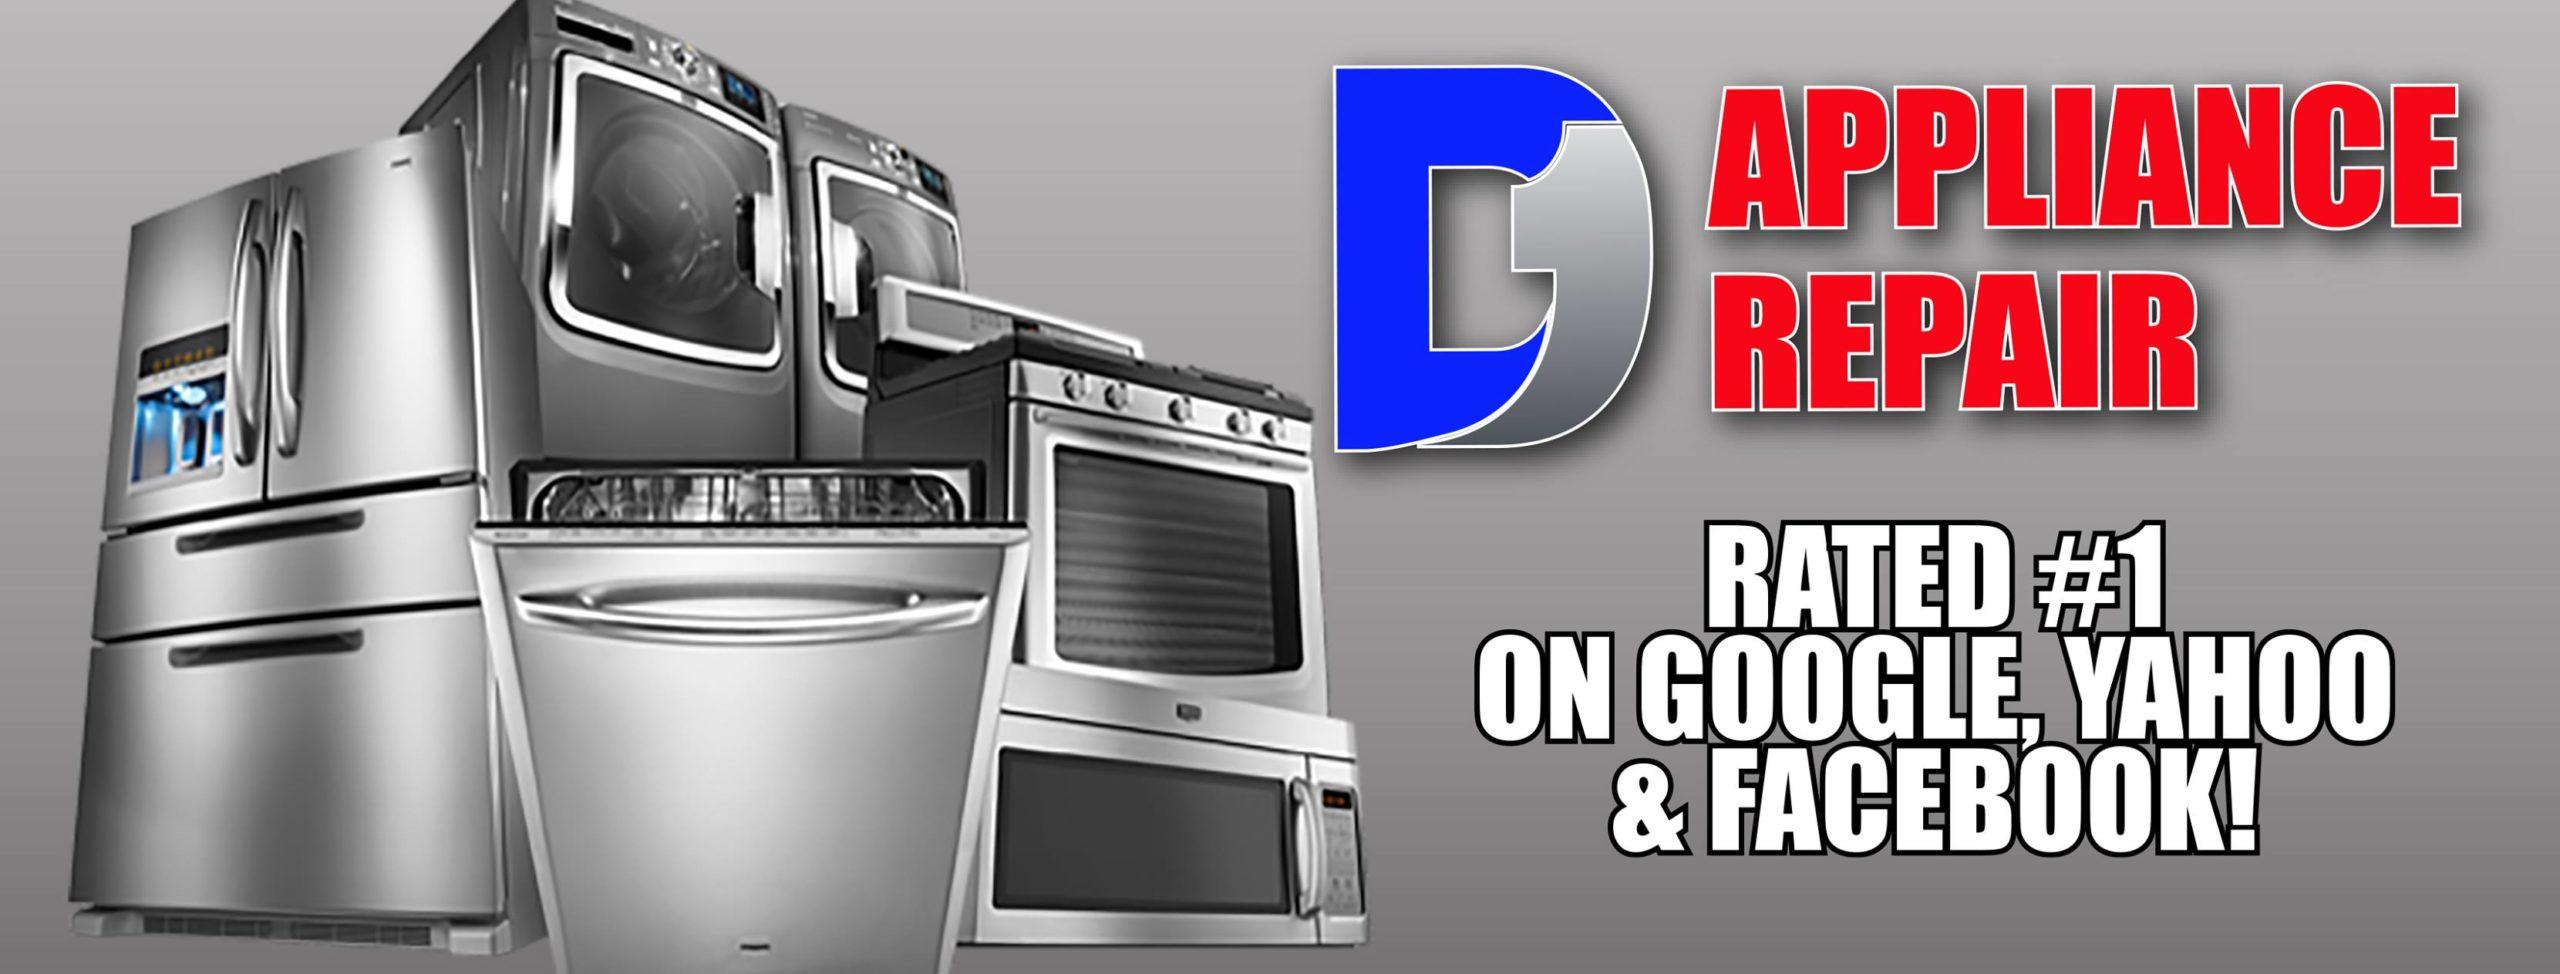 D1 Appliance Repair